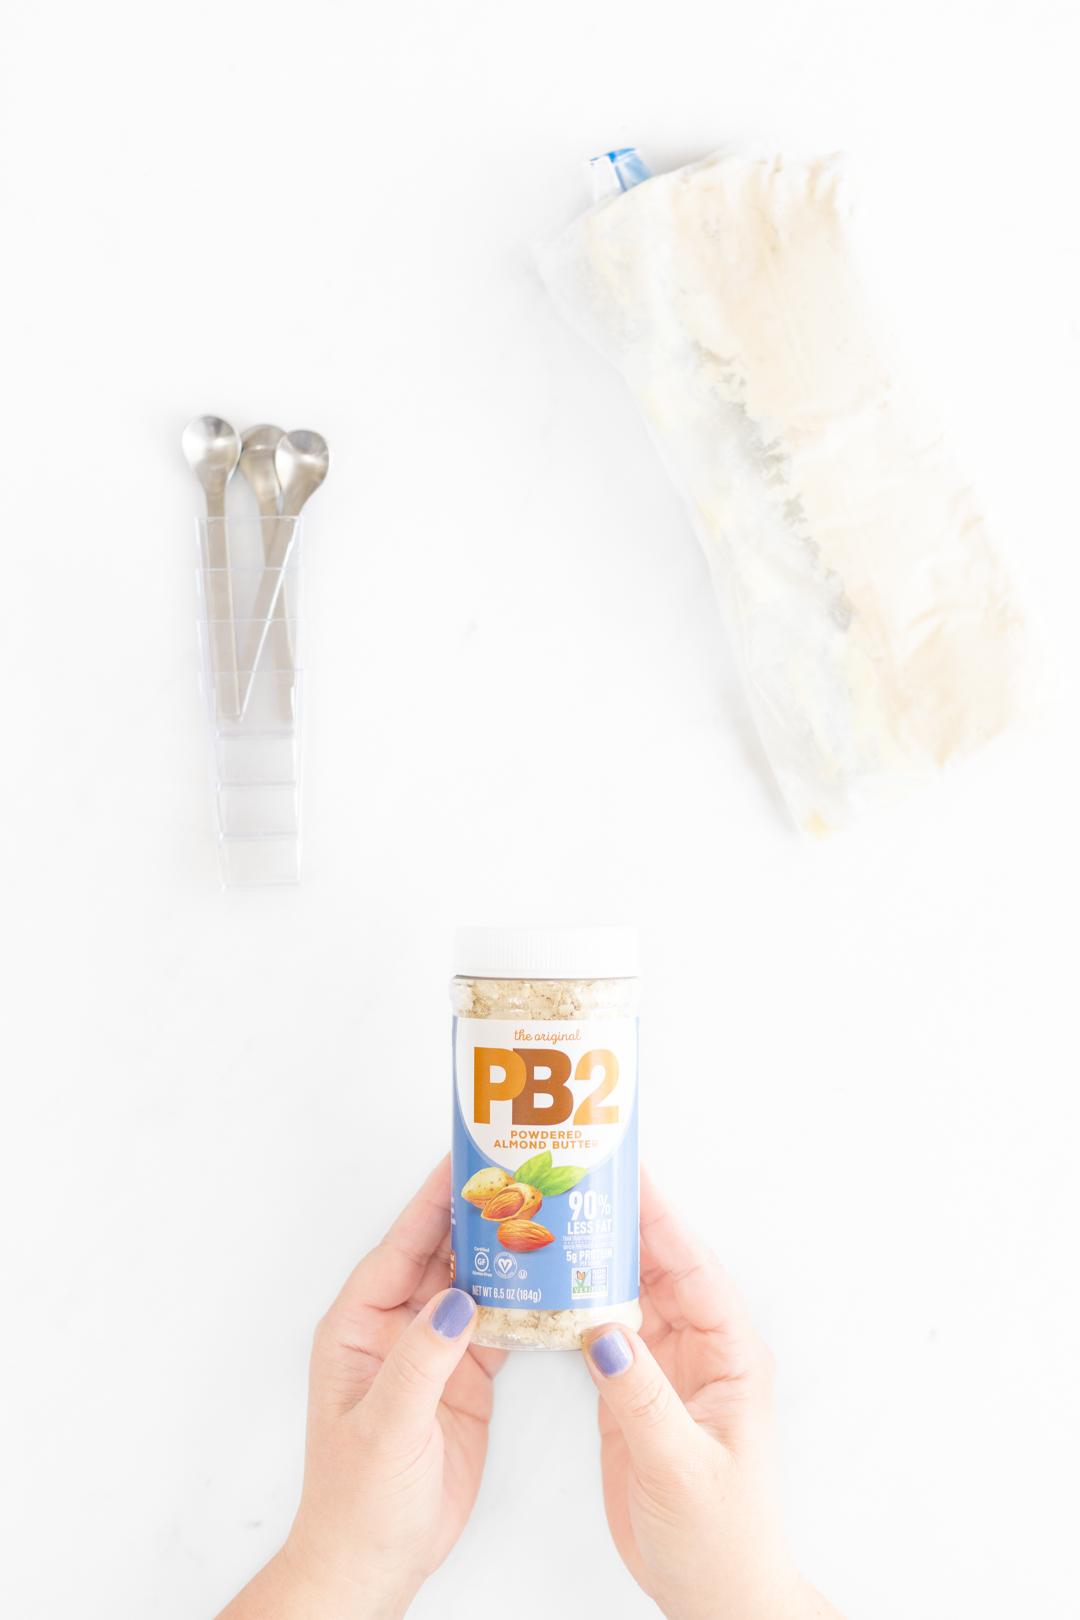 Pb2 almond product